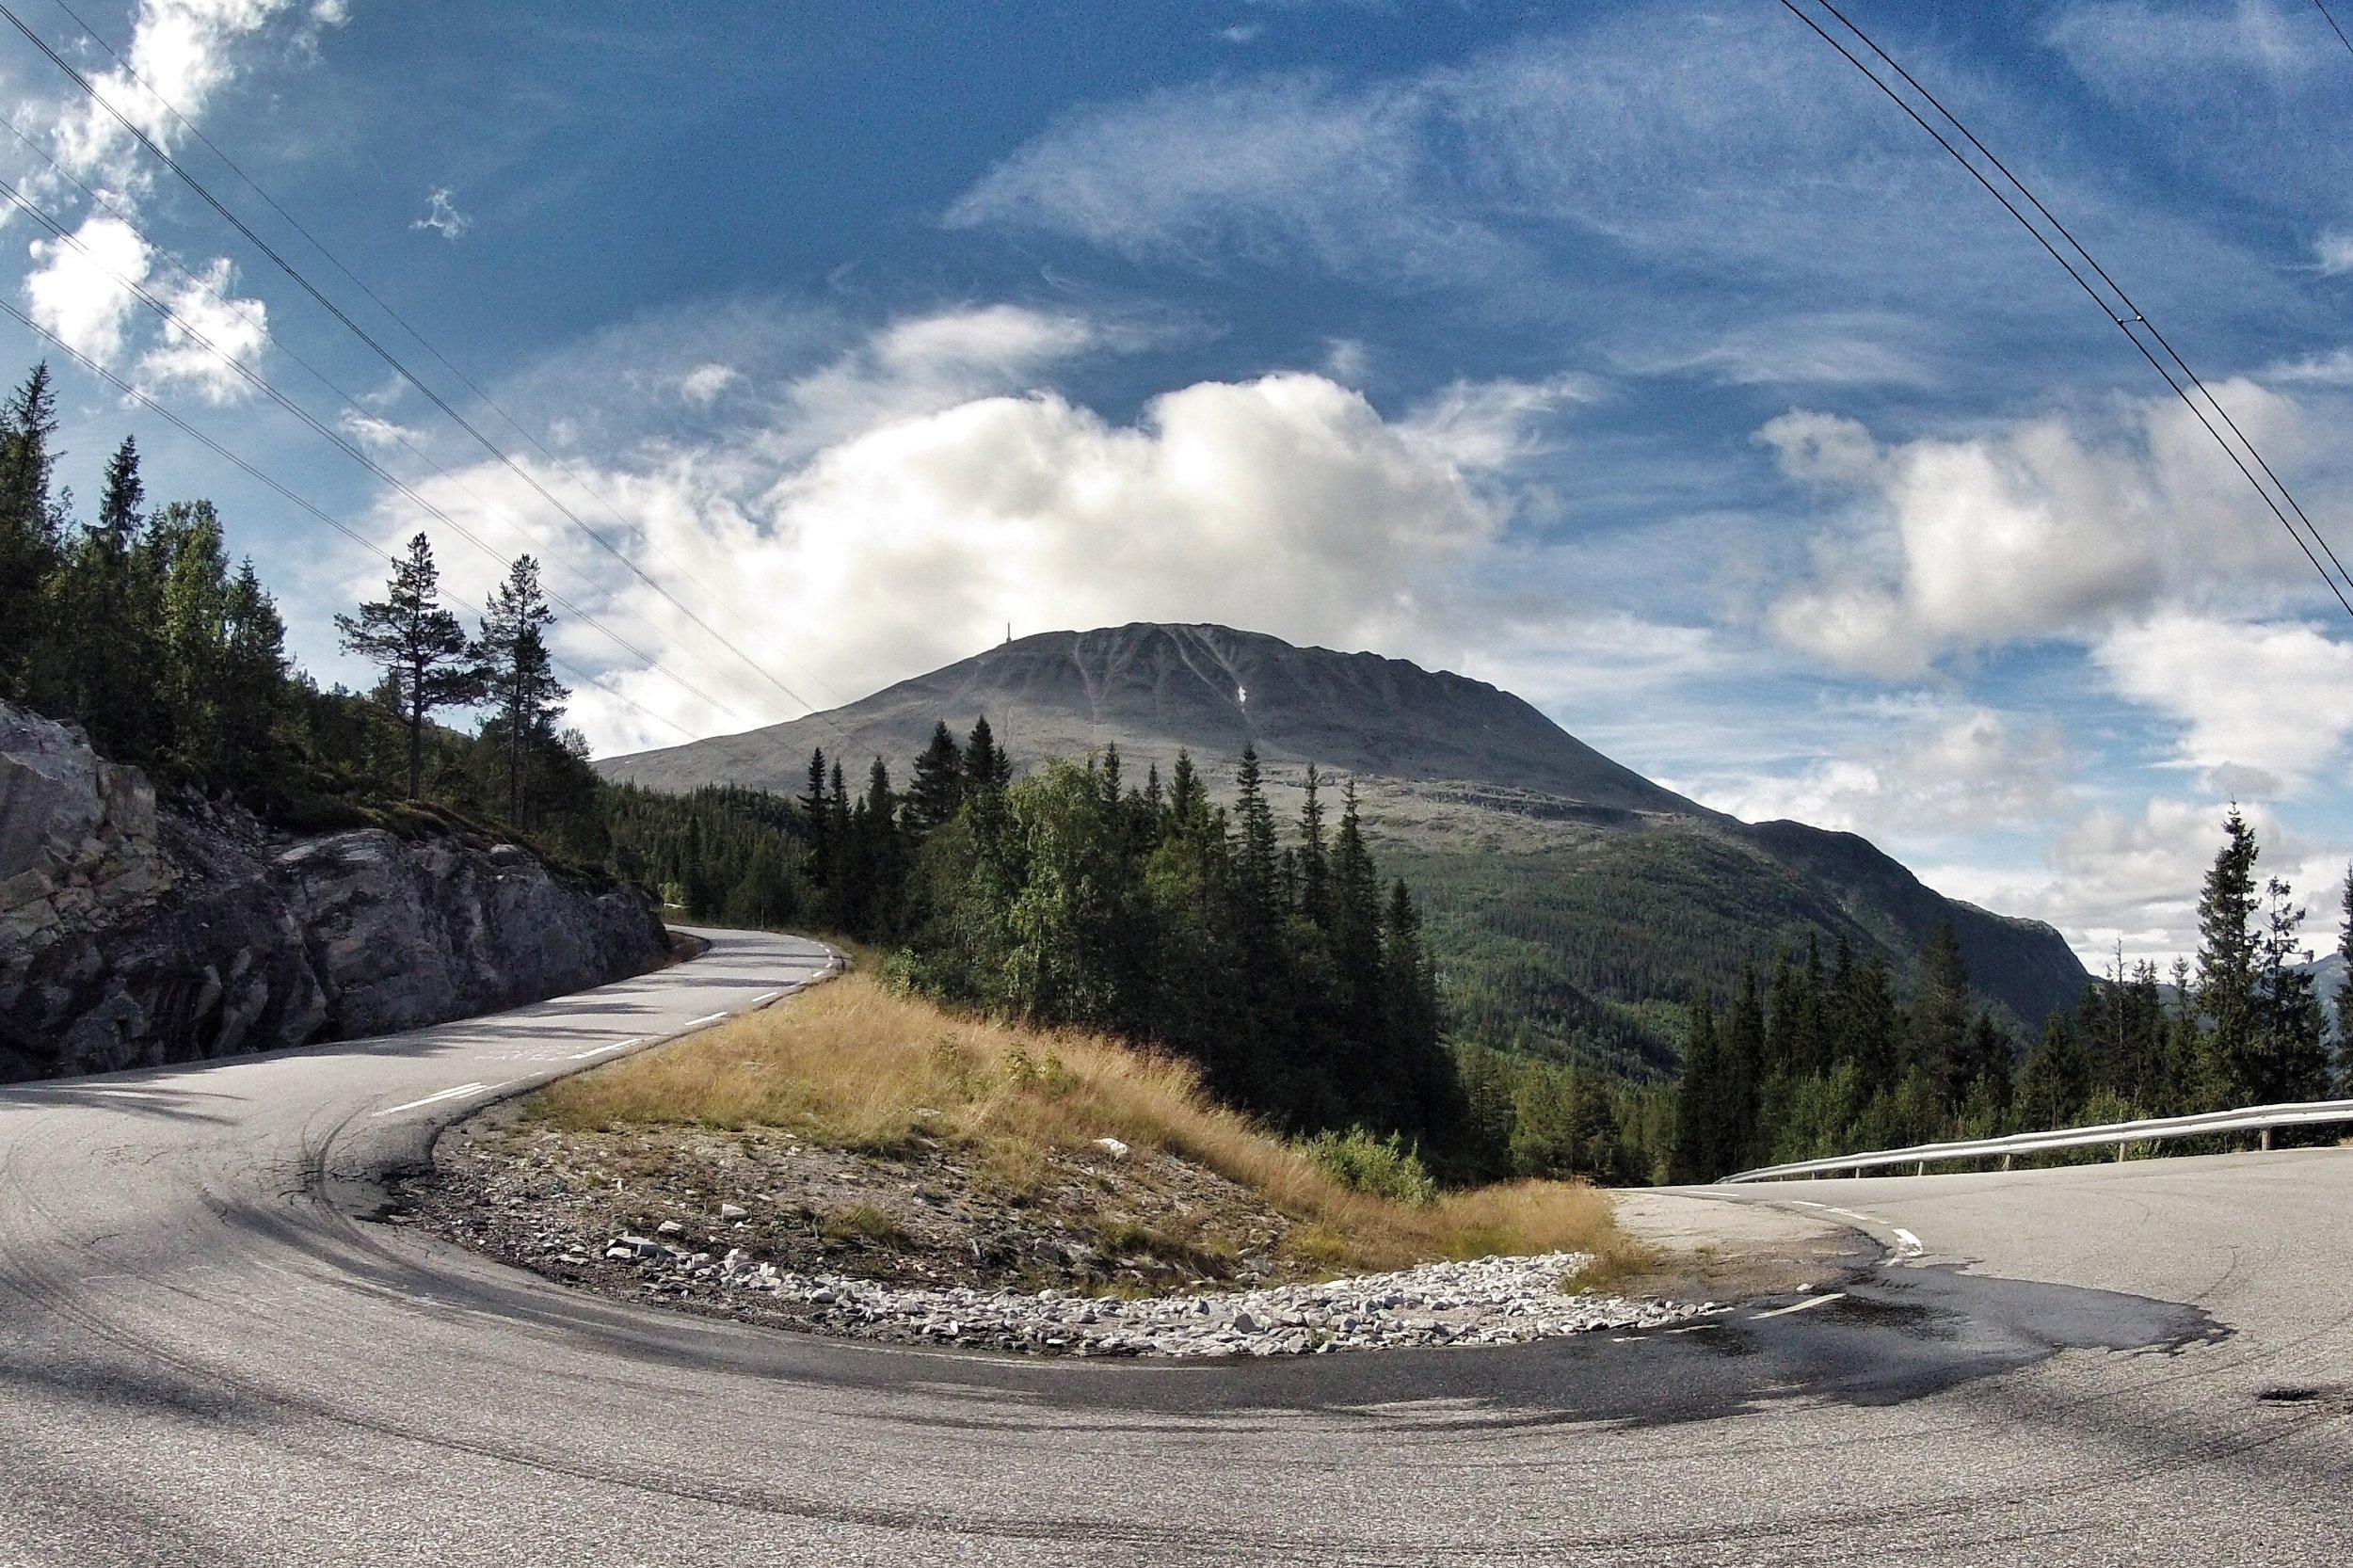 Gaustavegen, her ved Svineroivegen med utsikt mot Gaustatoppen